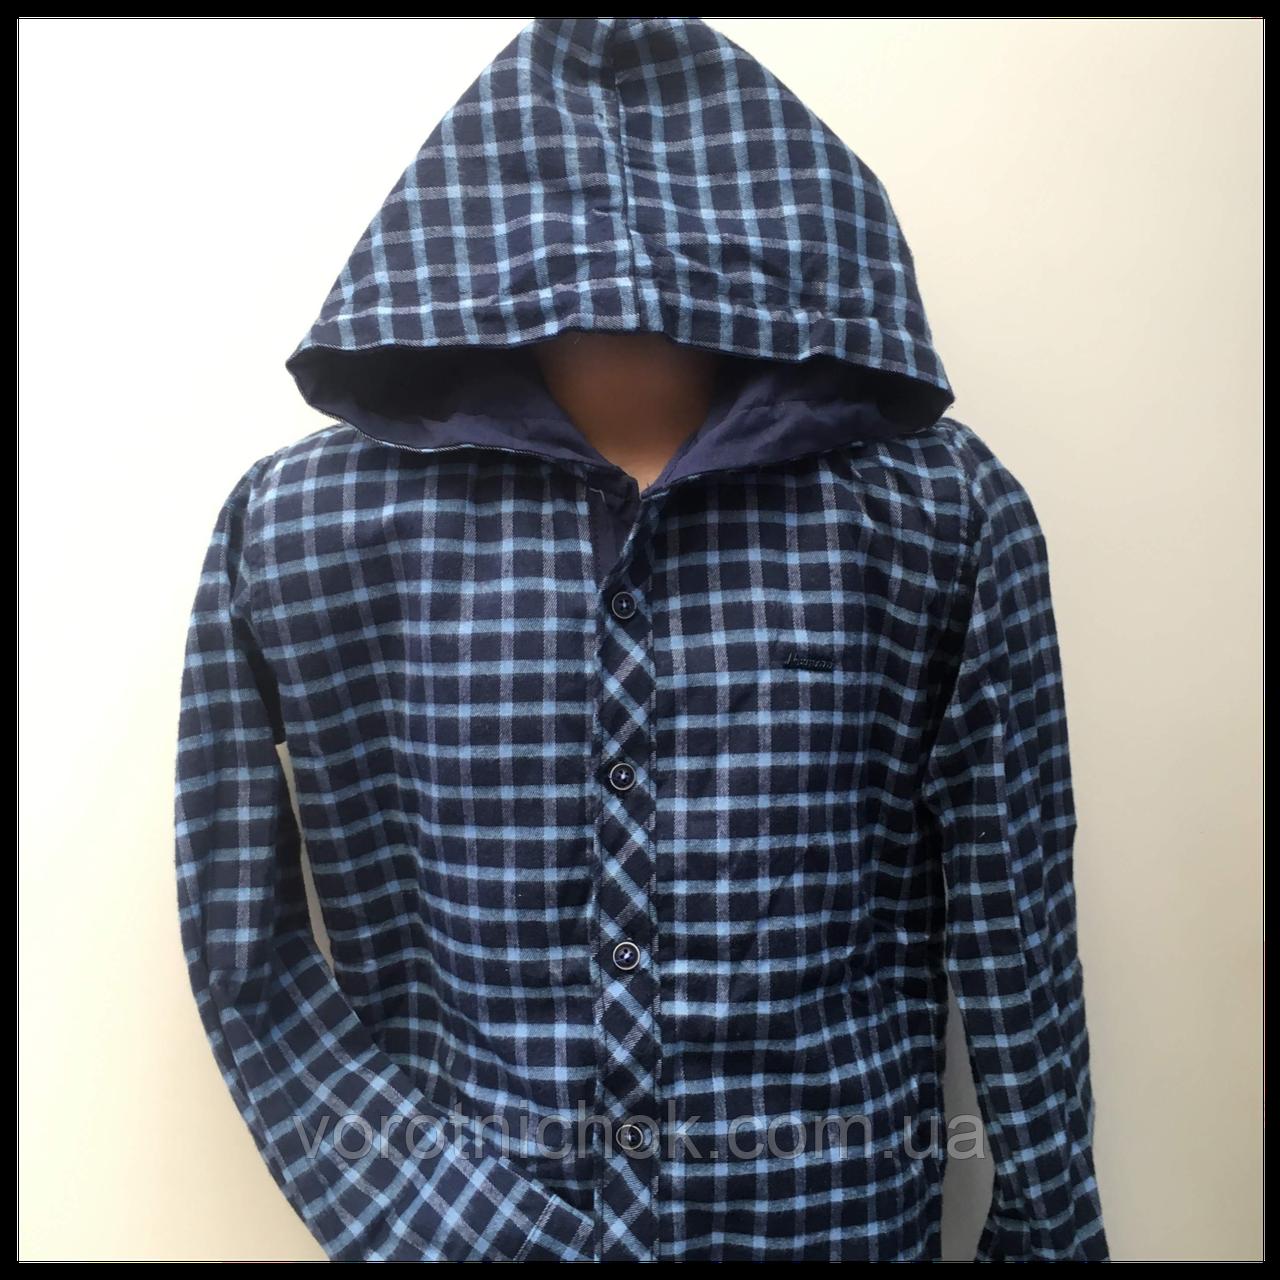 Рубашка теплая с капюшоном, для мальчика 10-14 лет